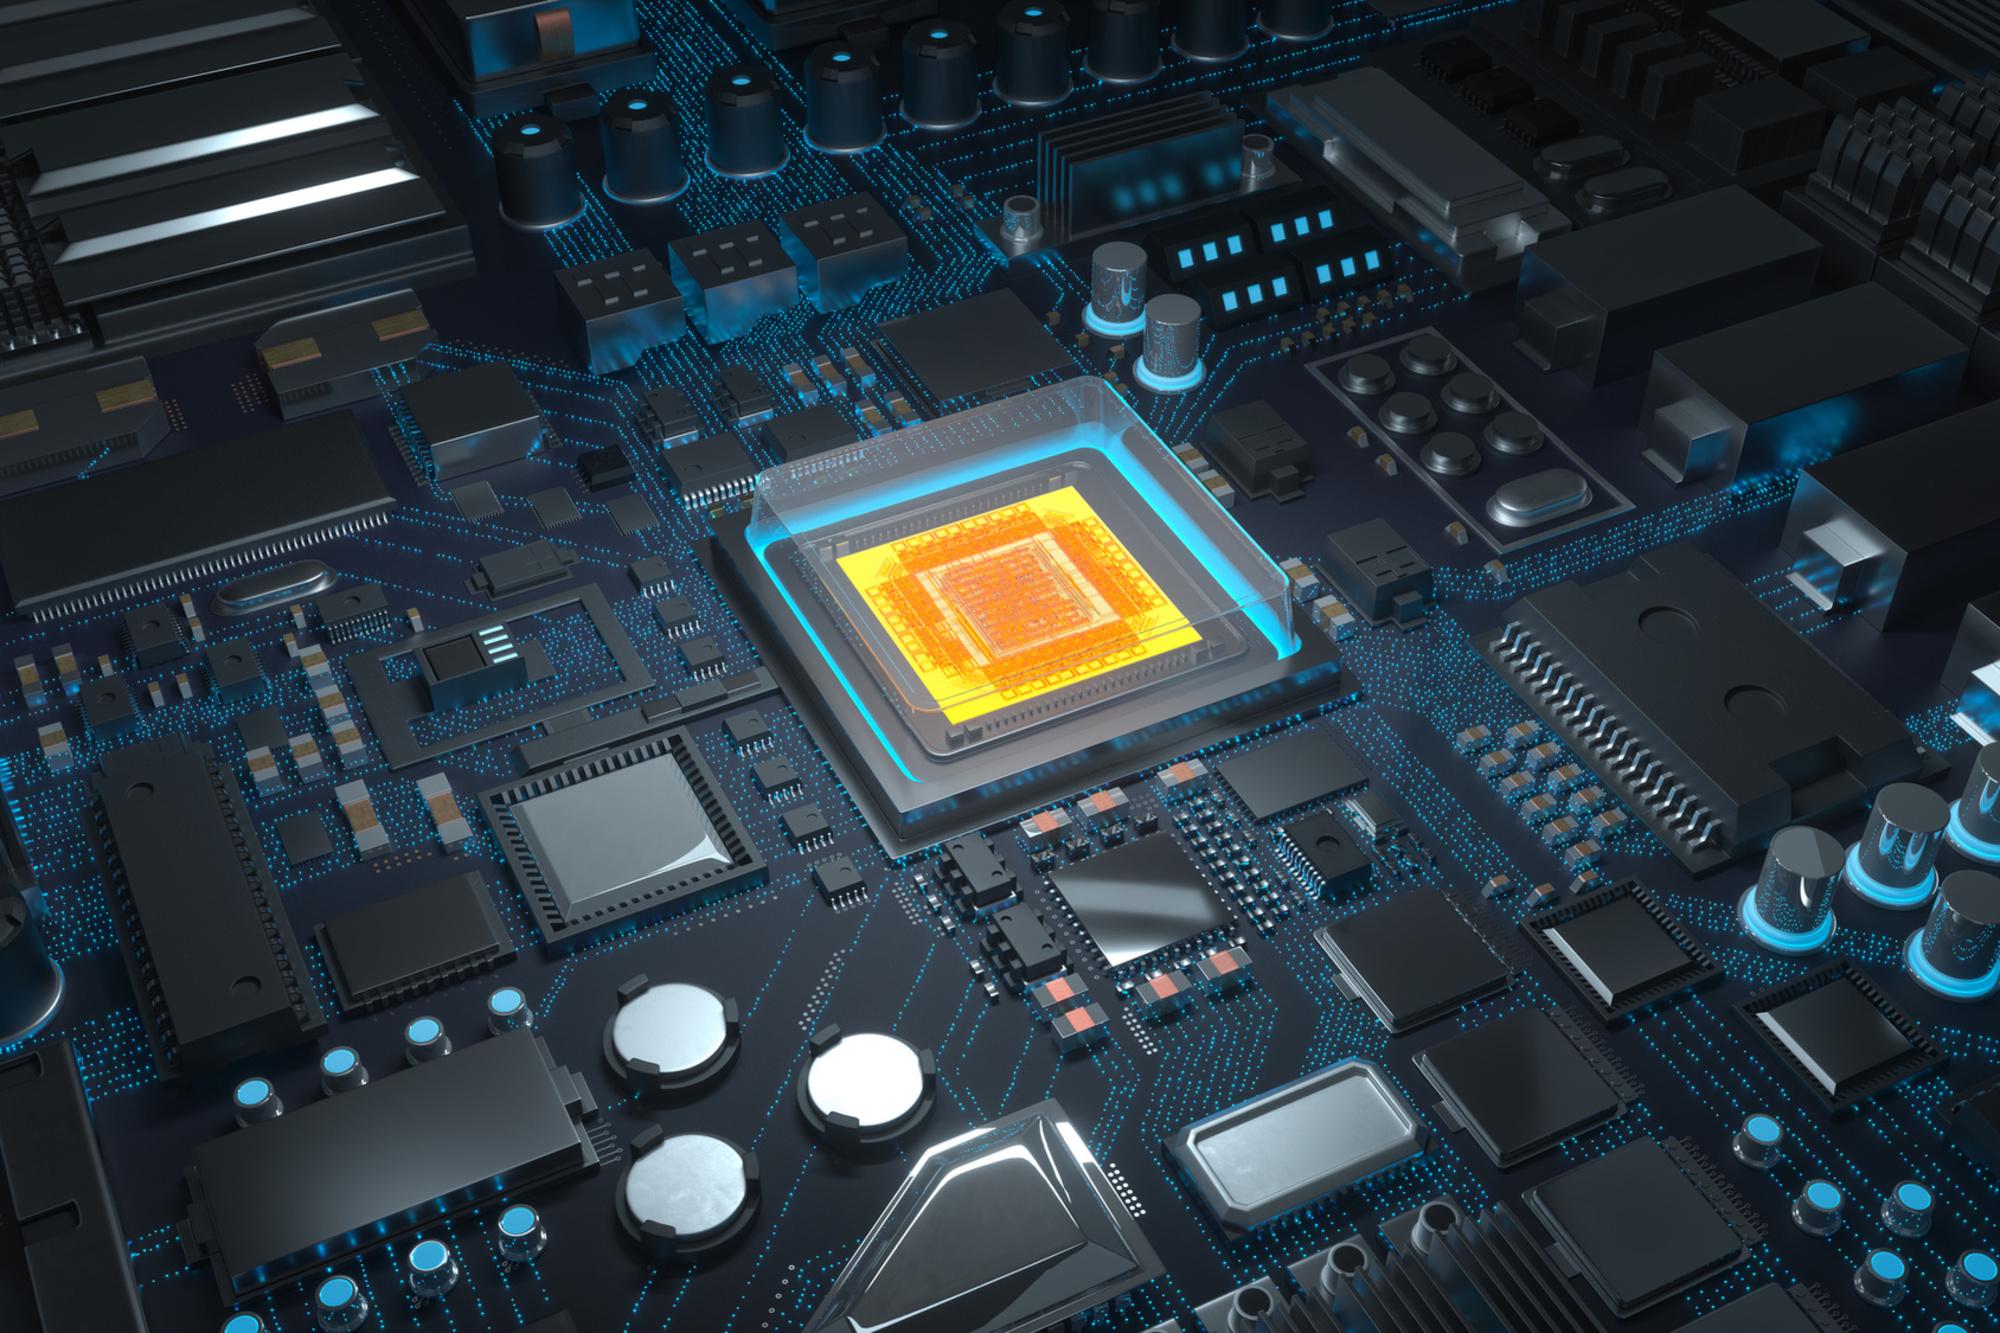 ARM combineert meerdere cores zodat hoge prestaties mogelijk zijn, maar op rustige momenten meer focus ligt op stroomzuinigheid. (Beeld ter illustratie), Getty Images